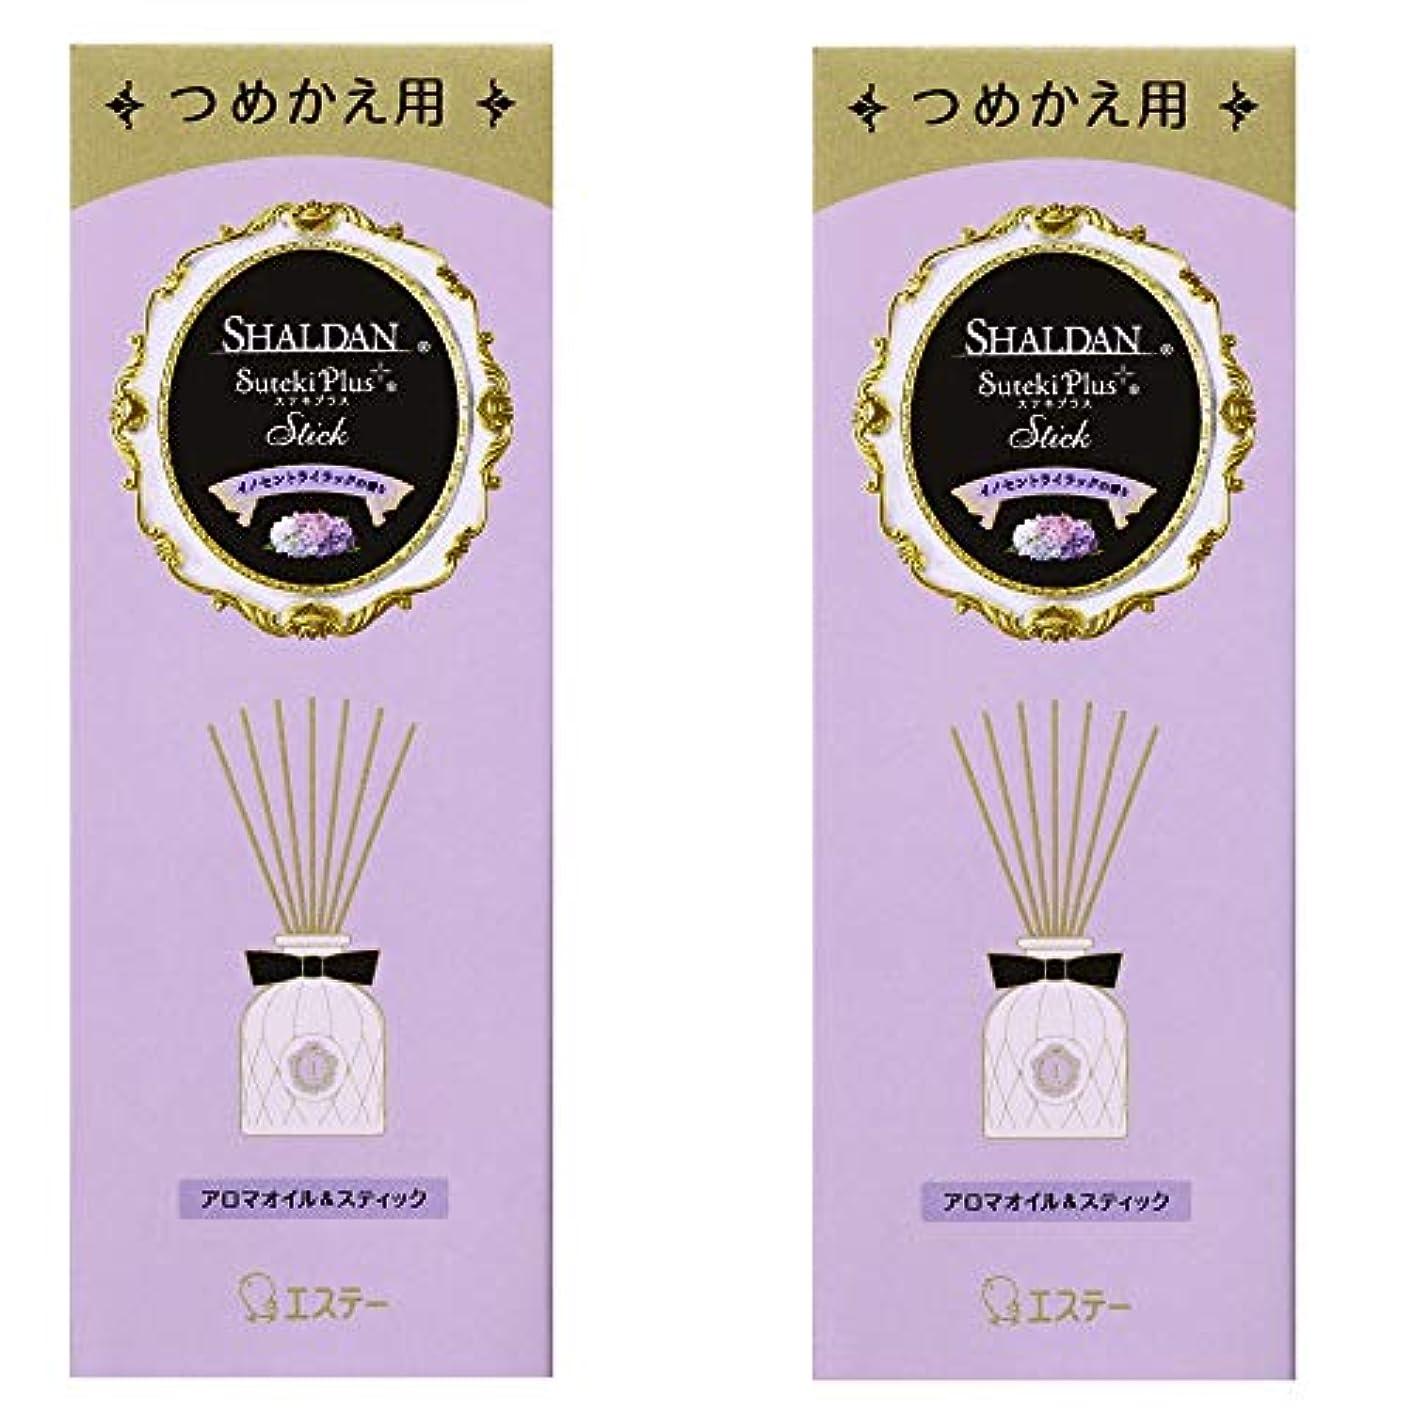 胚芽クルー判定【まとめ買い】 シャルダン SHALDAN ステキプラス スティック 消臭芳香剤 部屋用 つめかえ イノセントライラックの香り 45ml×2個